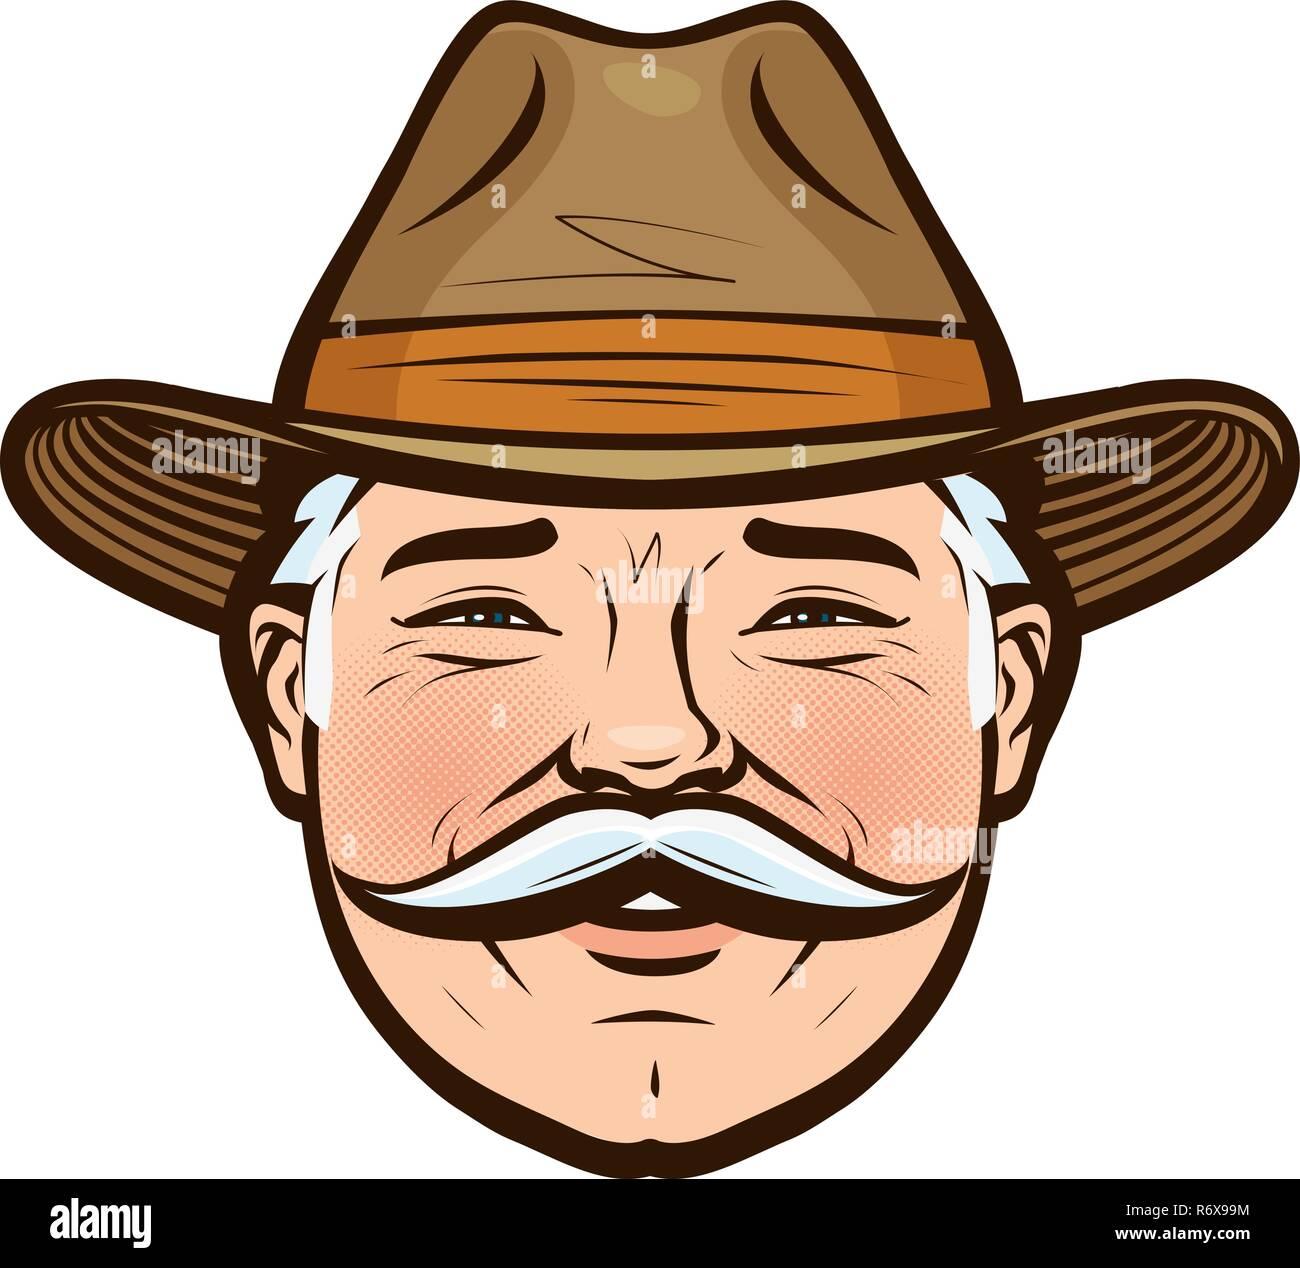 Ritratto di un agricoltore sorridente in un cappello. Illustrazione  Vettoriale Immagini Stock 2e2c7a691823